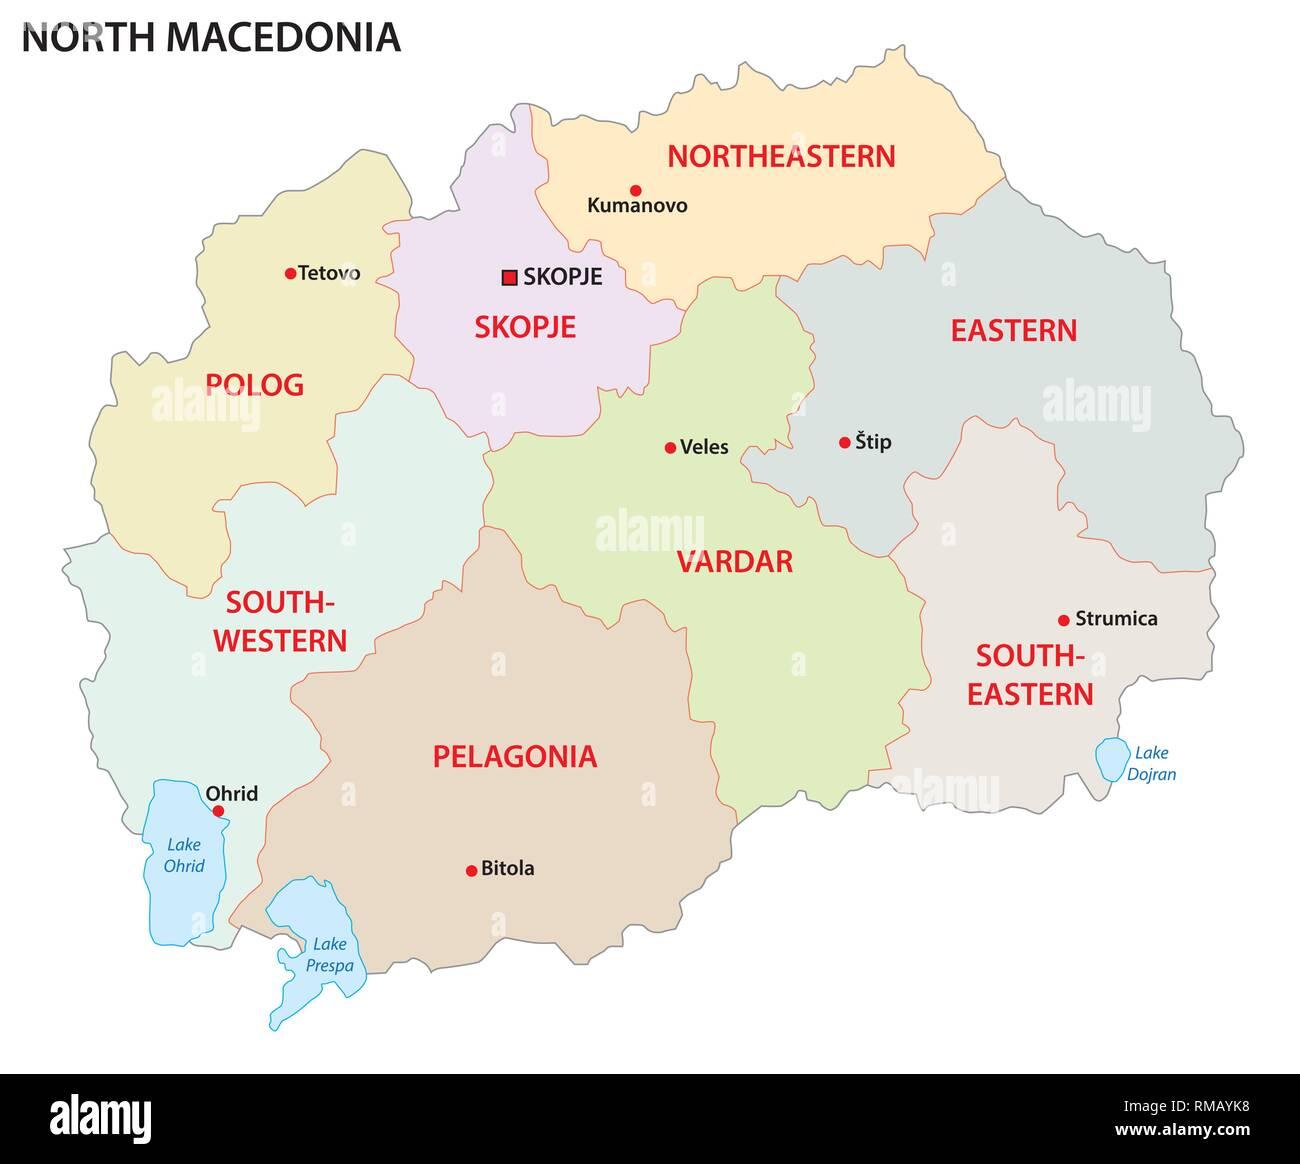 Grune Karte Mazedonien.Nord Mazedonien Karte Stockfotos Nord Mazedonien Karte